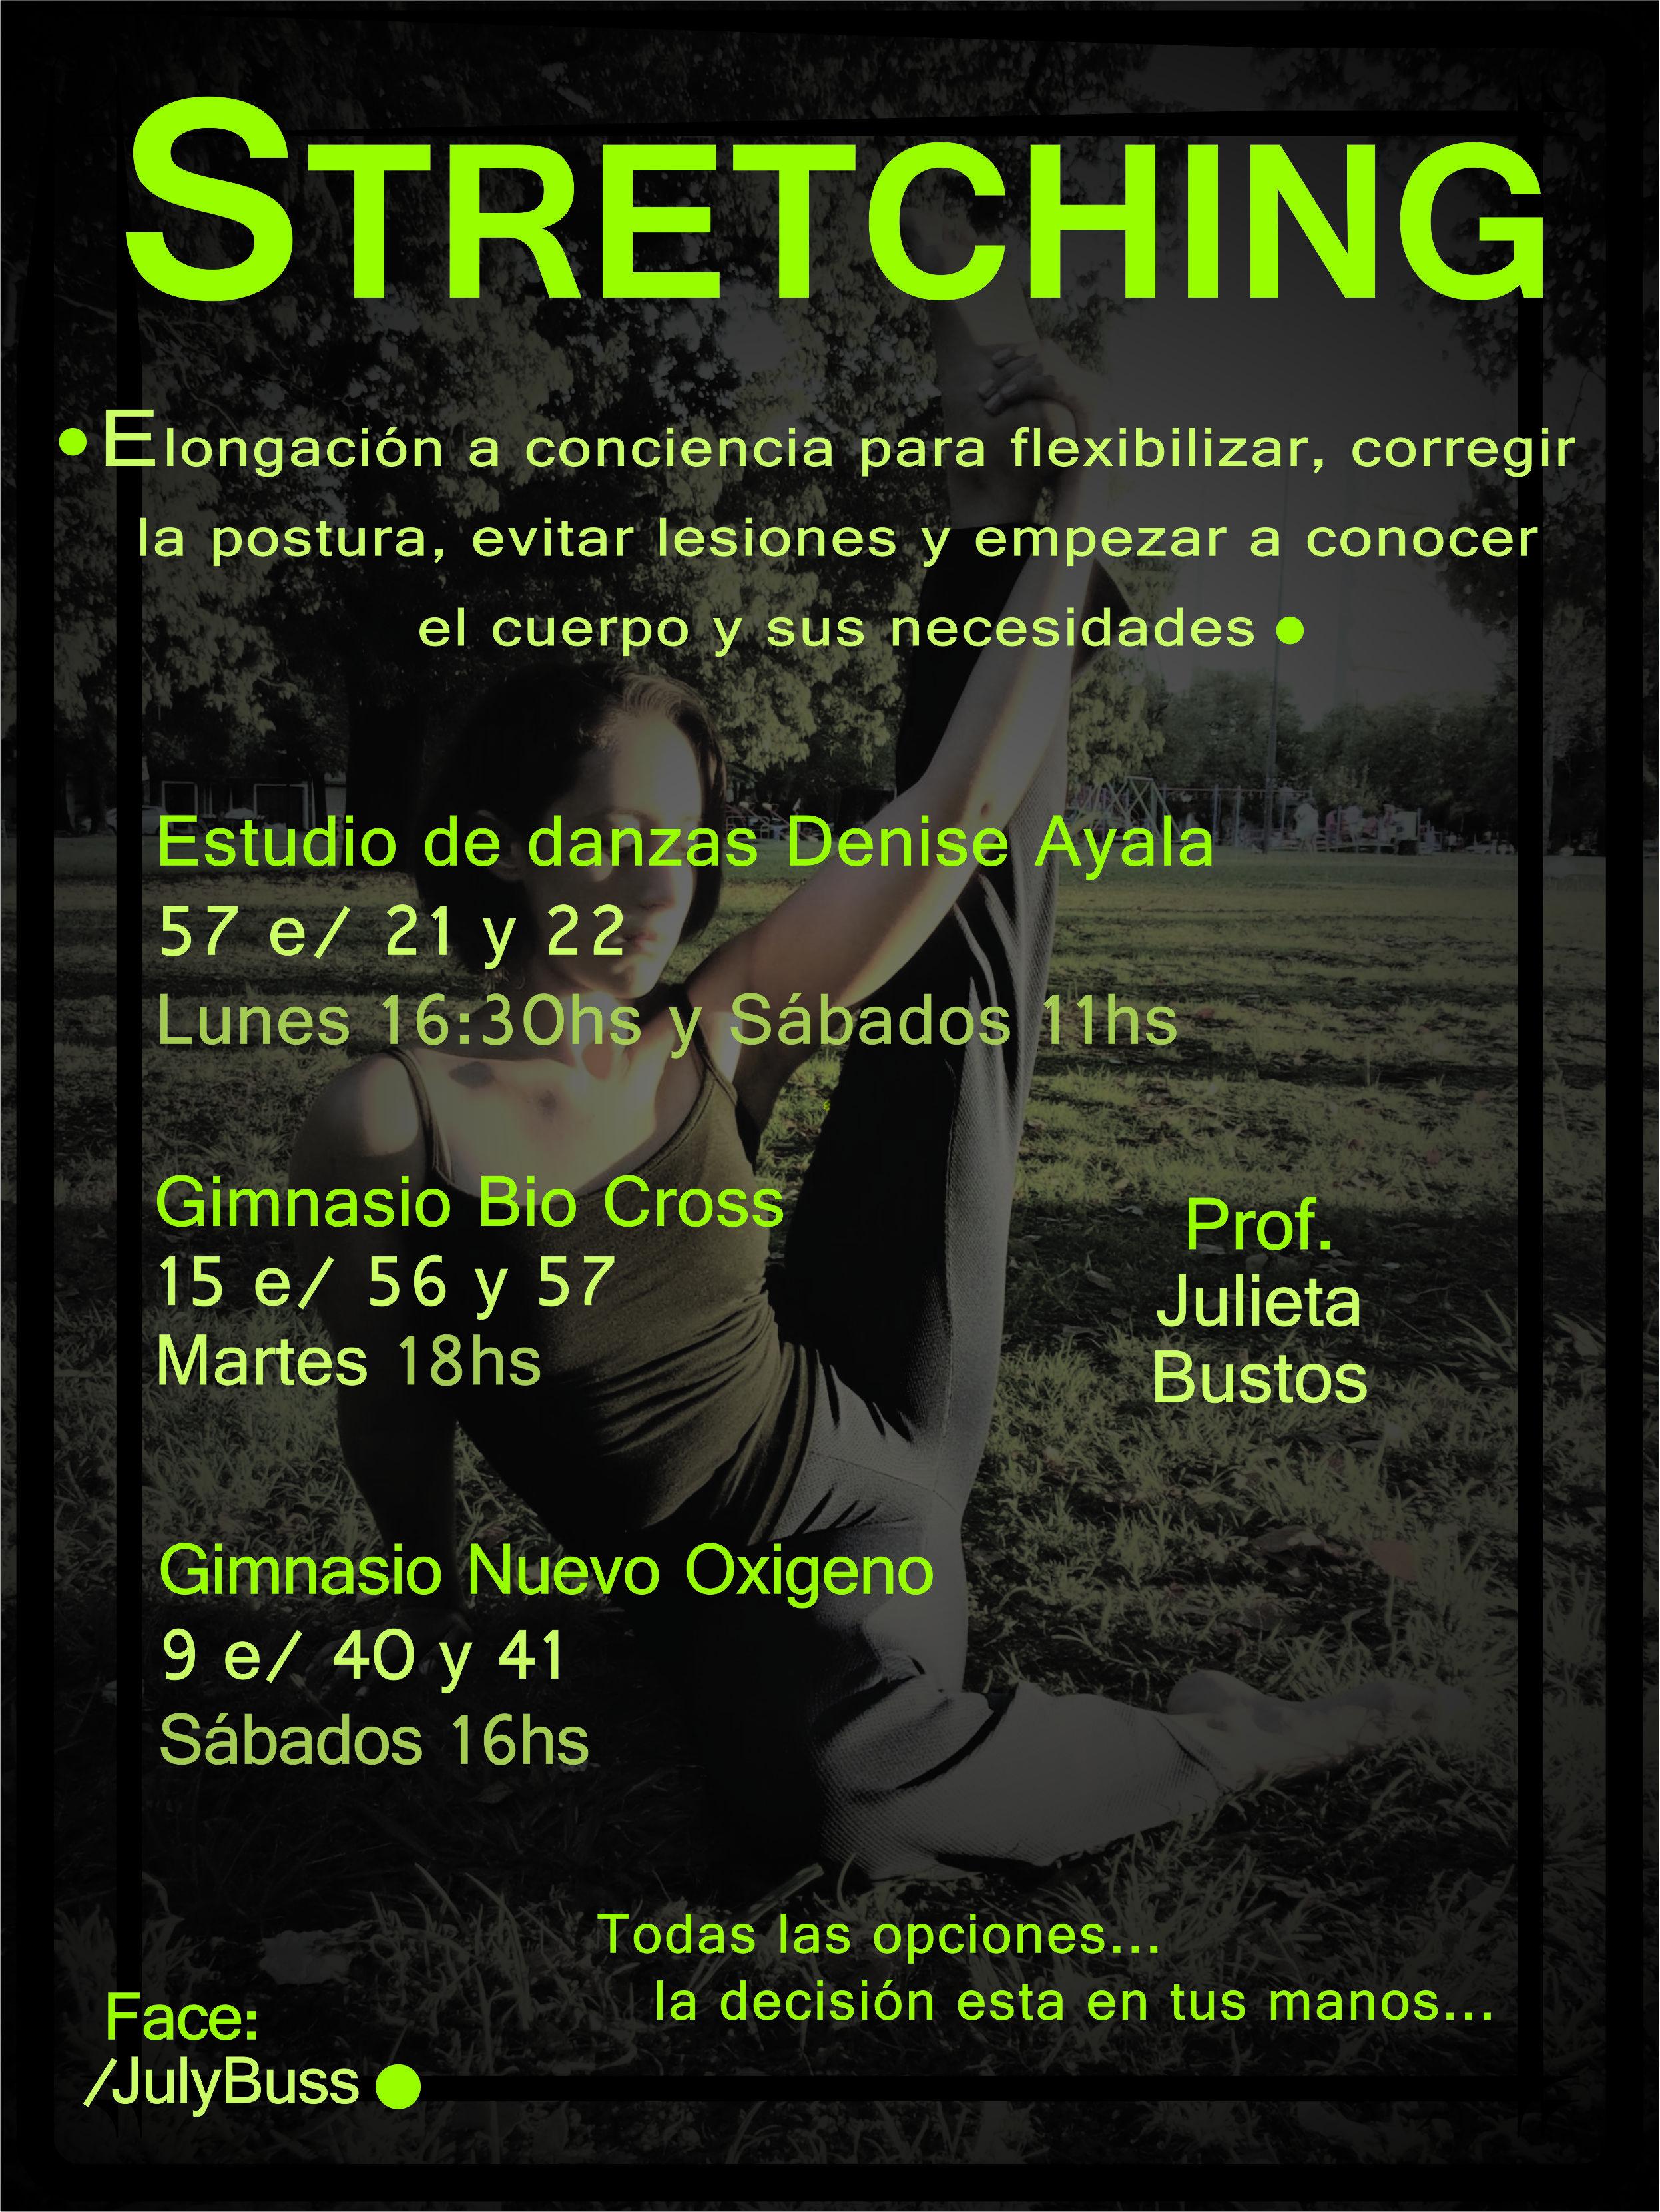 TODAS LAS OPCIONES(Actividad Unisex)... LA DECISIÓN ESTA EN TUS MANOS... NO TE LAS PODES PERDER... VENI A SENTIRTE DIFERENTE!!! Estudio de Danzas Denise Ayala, Gimnasio Bio Cross y Gimnasio Nuevo Oxigeno podes venir a probar la clase cuando quieras!!! ¡¡¡¡¡LOS ESPEROOOOOO!!!!!